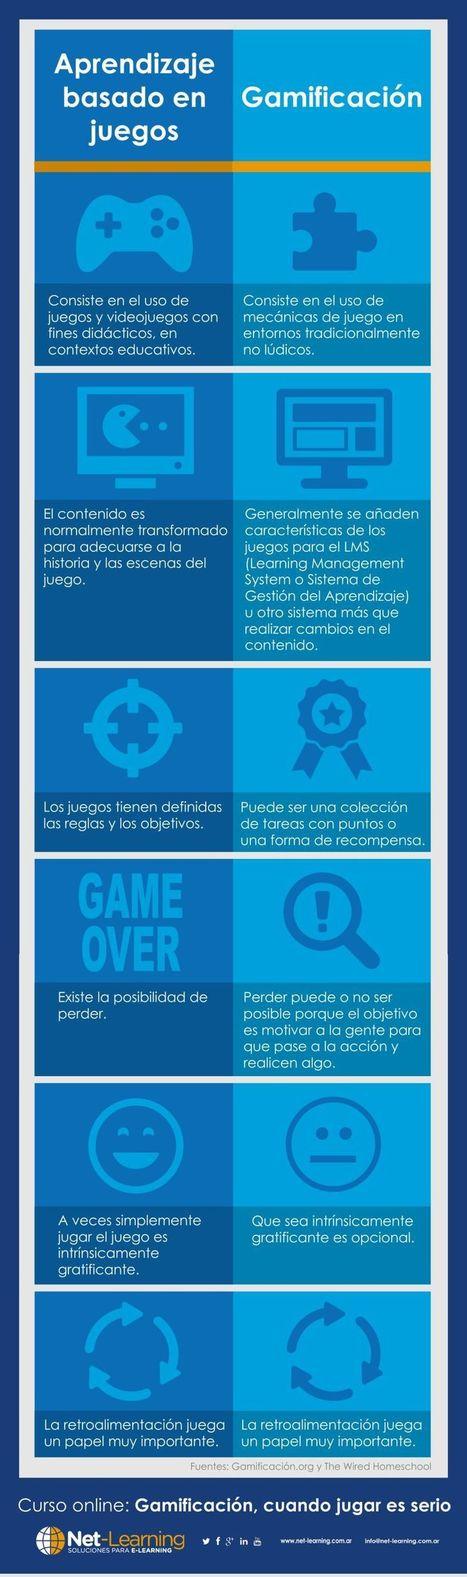 Aprendizaje Basado en Juegos vs Gamificación « Educacion – articuloseducativos.es | TIC, TAC, Educació | Scoop.it